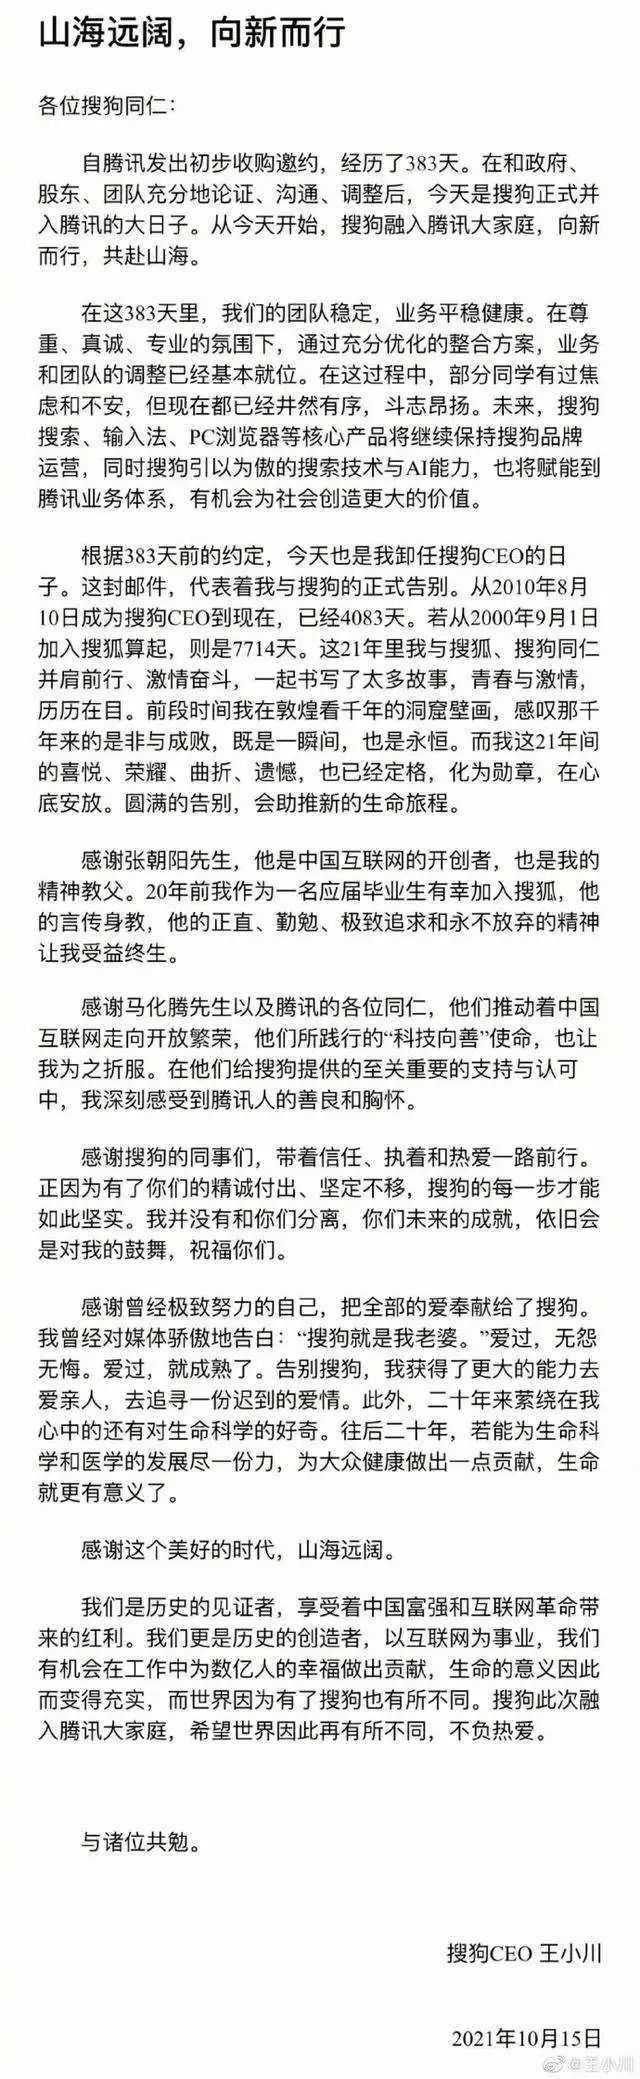 搜狗今日正式并入腾讯;领英辟谣称关闭中国业务为不实消息;抖音否认进入外卖行业